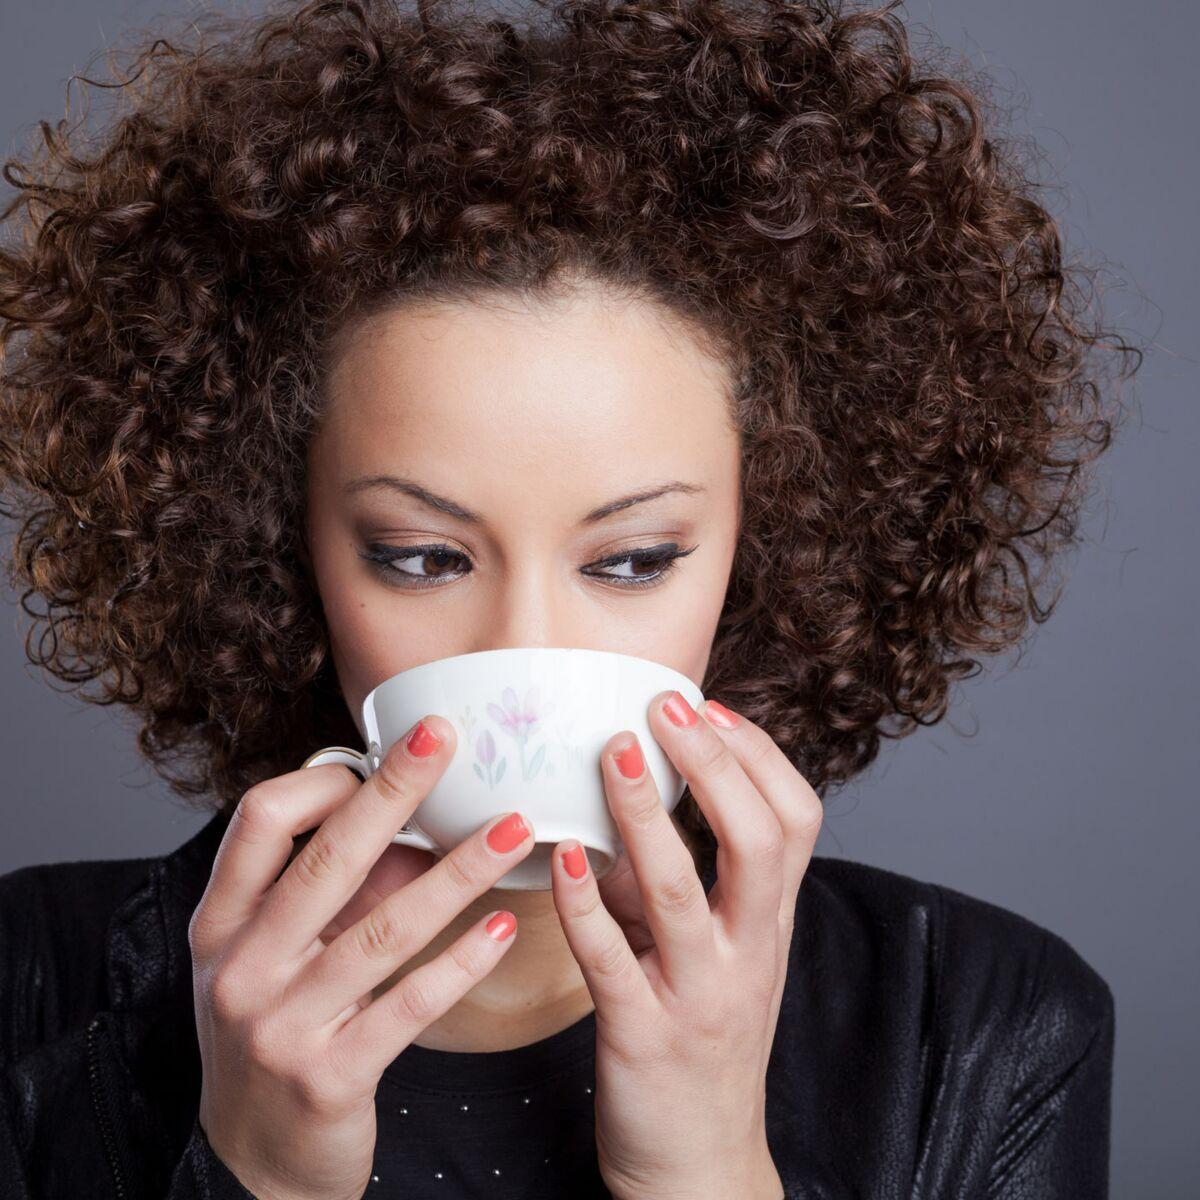 Le thé minceur est-il bon pour la santé